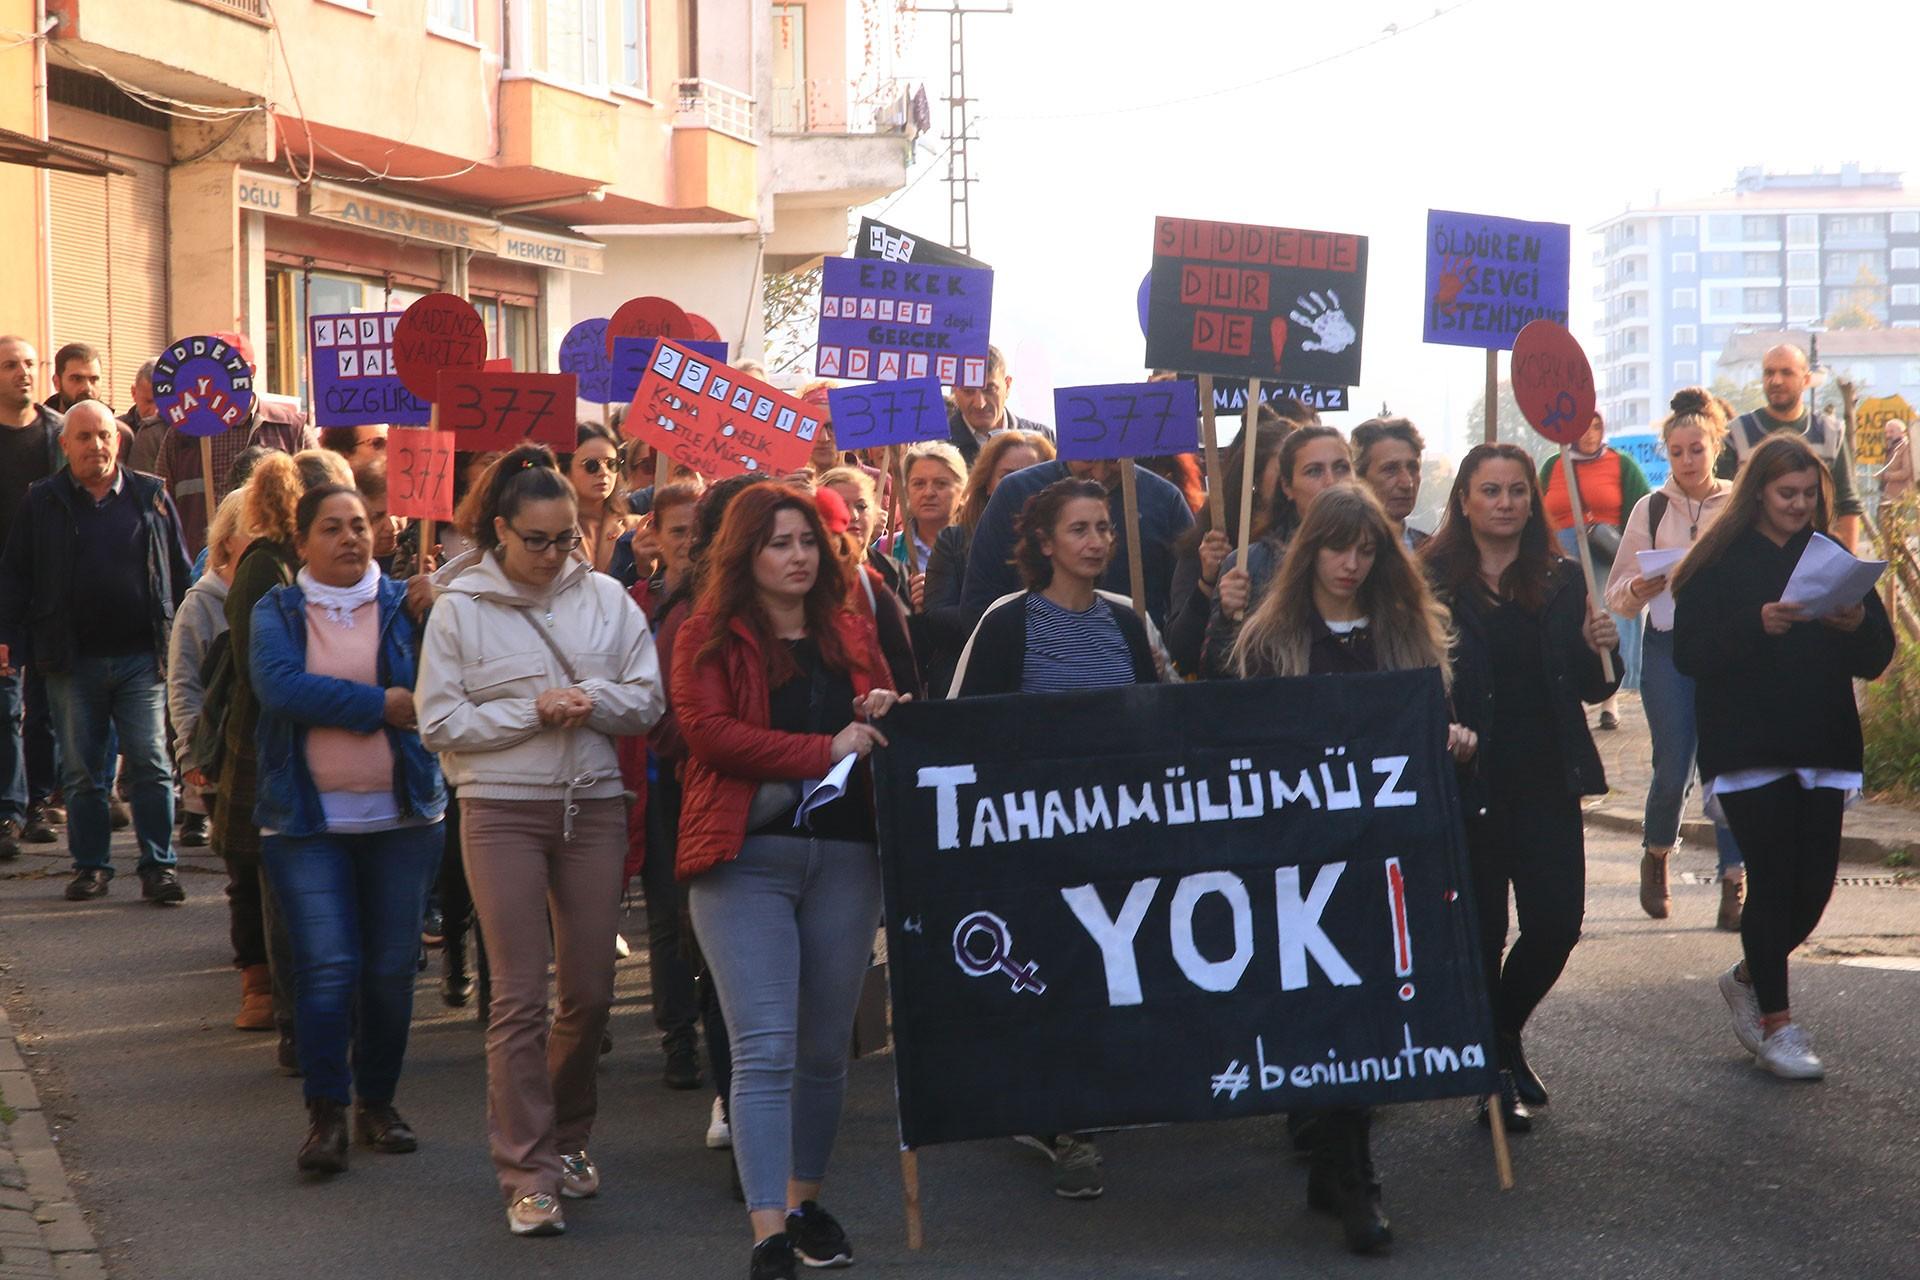 Kadınlar, şiddete karşı pankat dövizlerle yürüyor.